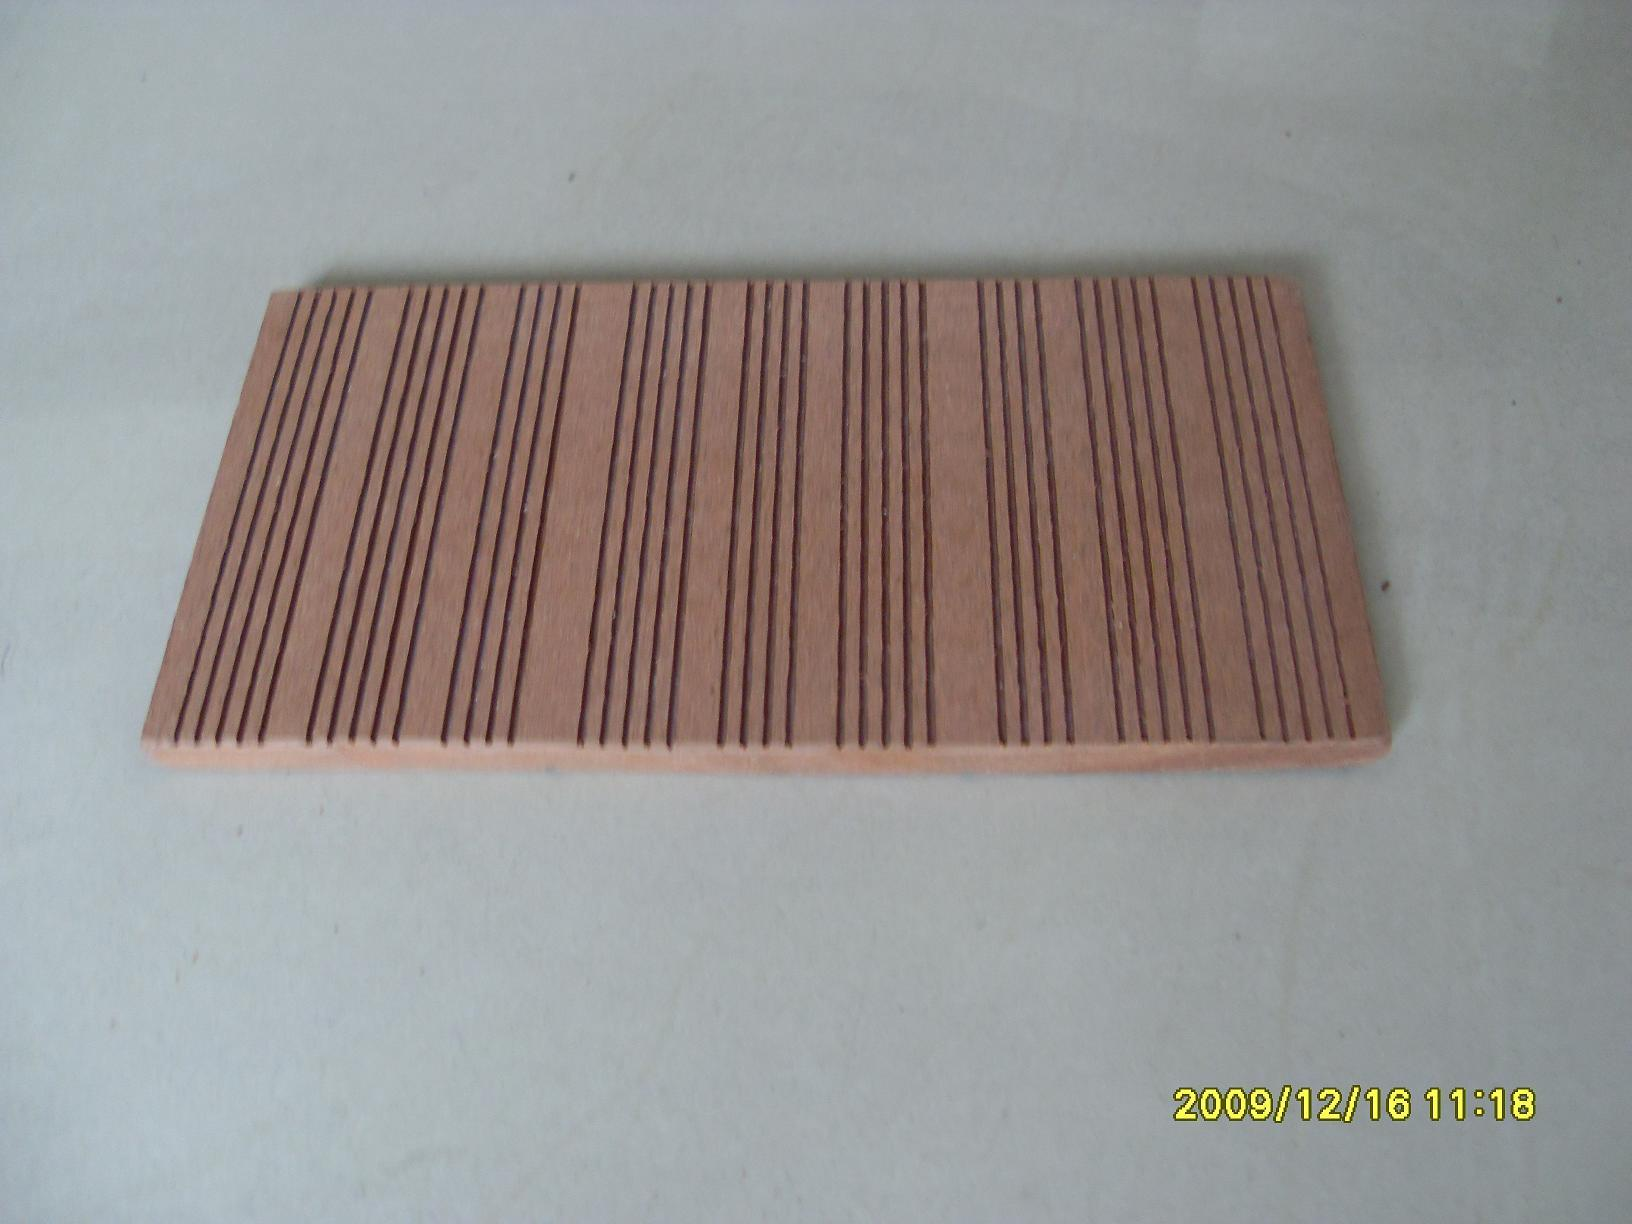 panneau de mur de wpc gb225 10 panneau de mur de wpc gb225 10 fournis par karyon jinhua. Black Bedroom Furniture Sets. Home Design Ideas